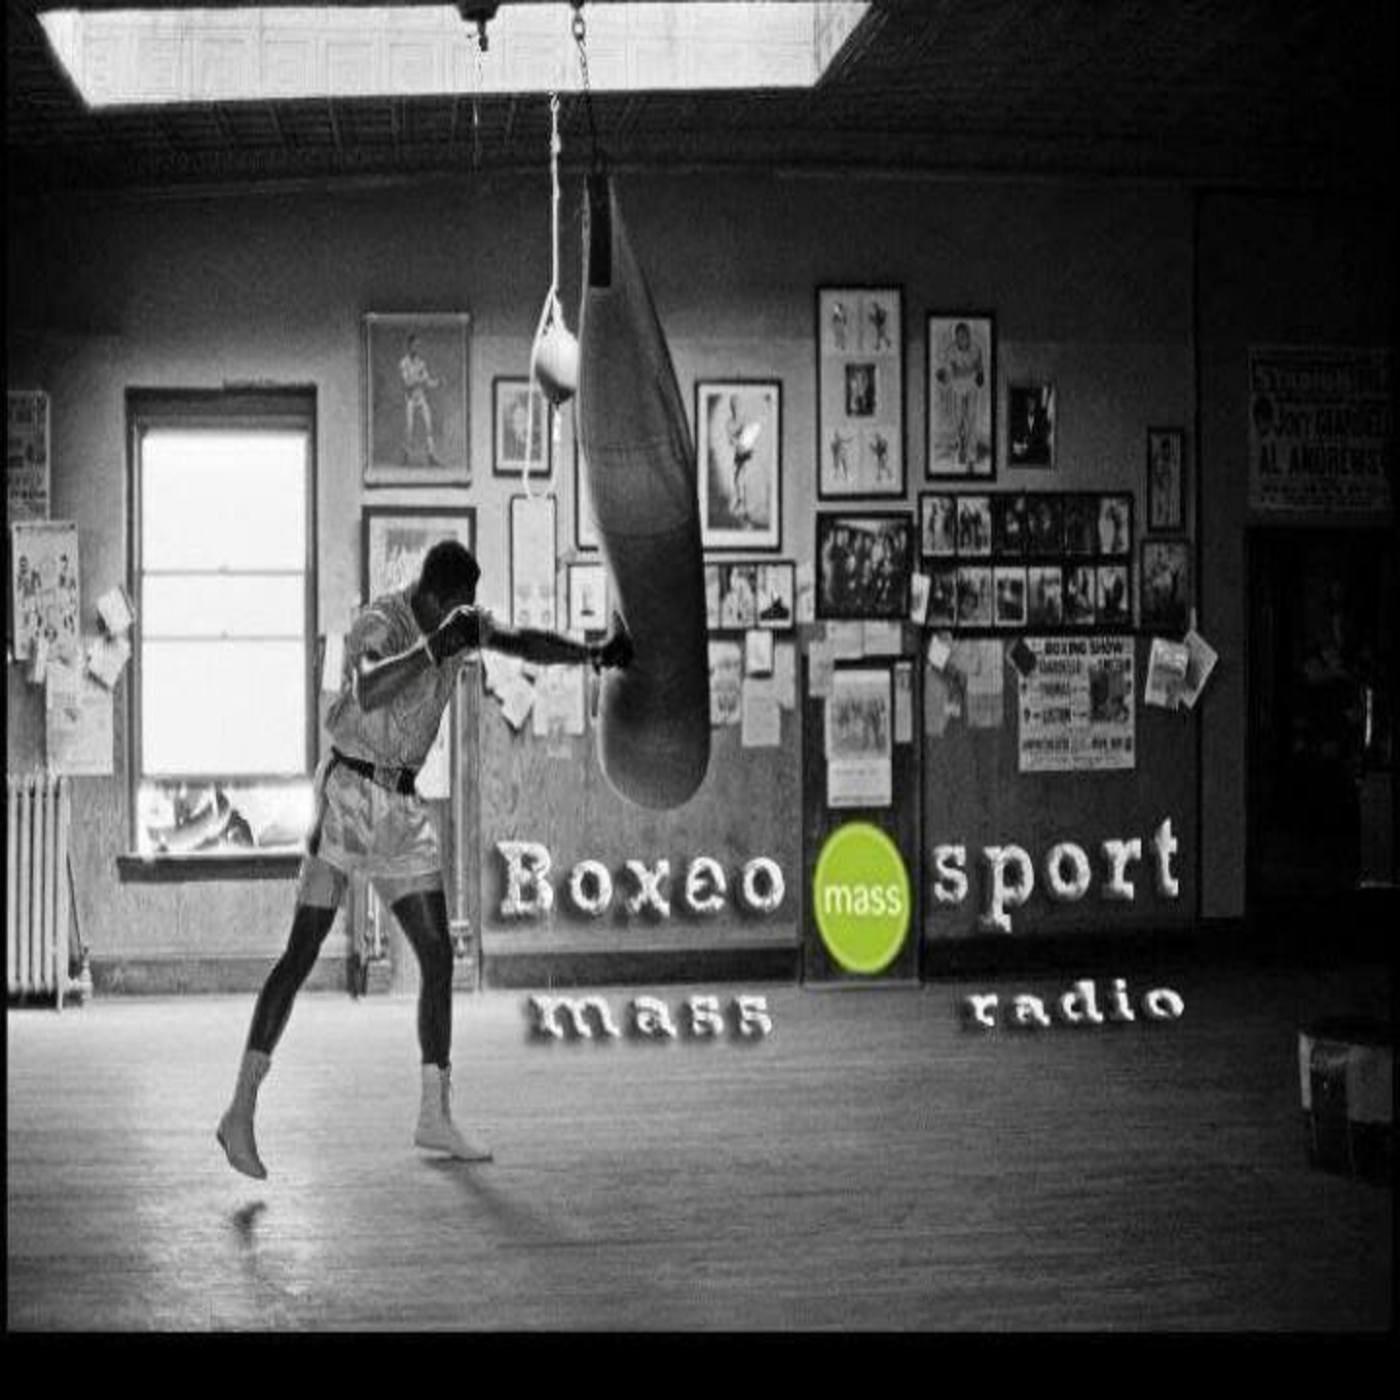 <![CDATA[Boxeo sport]]>